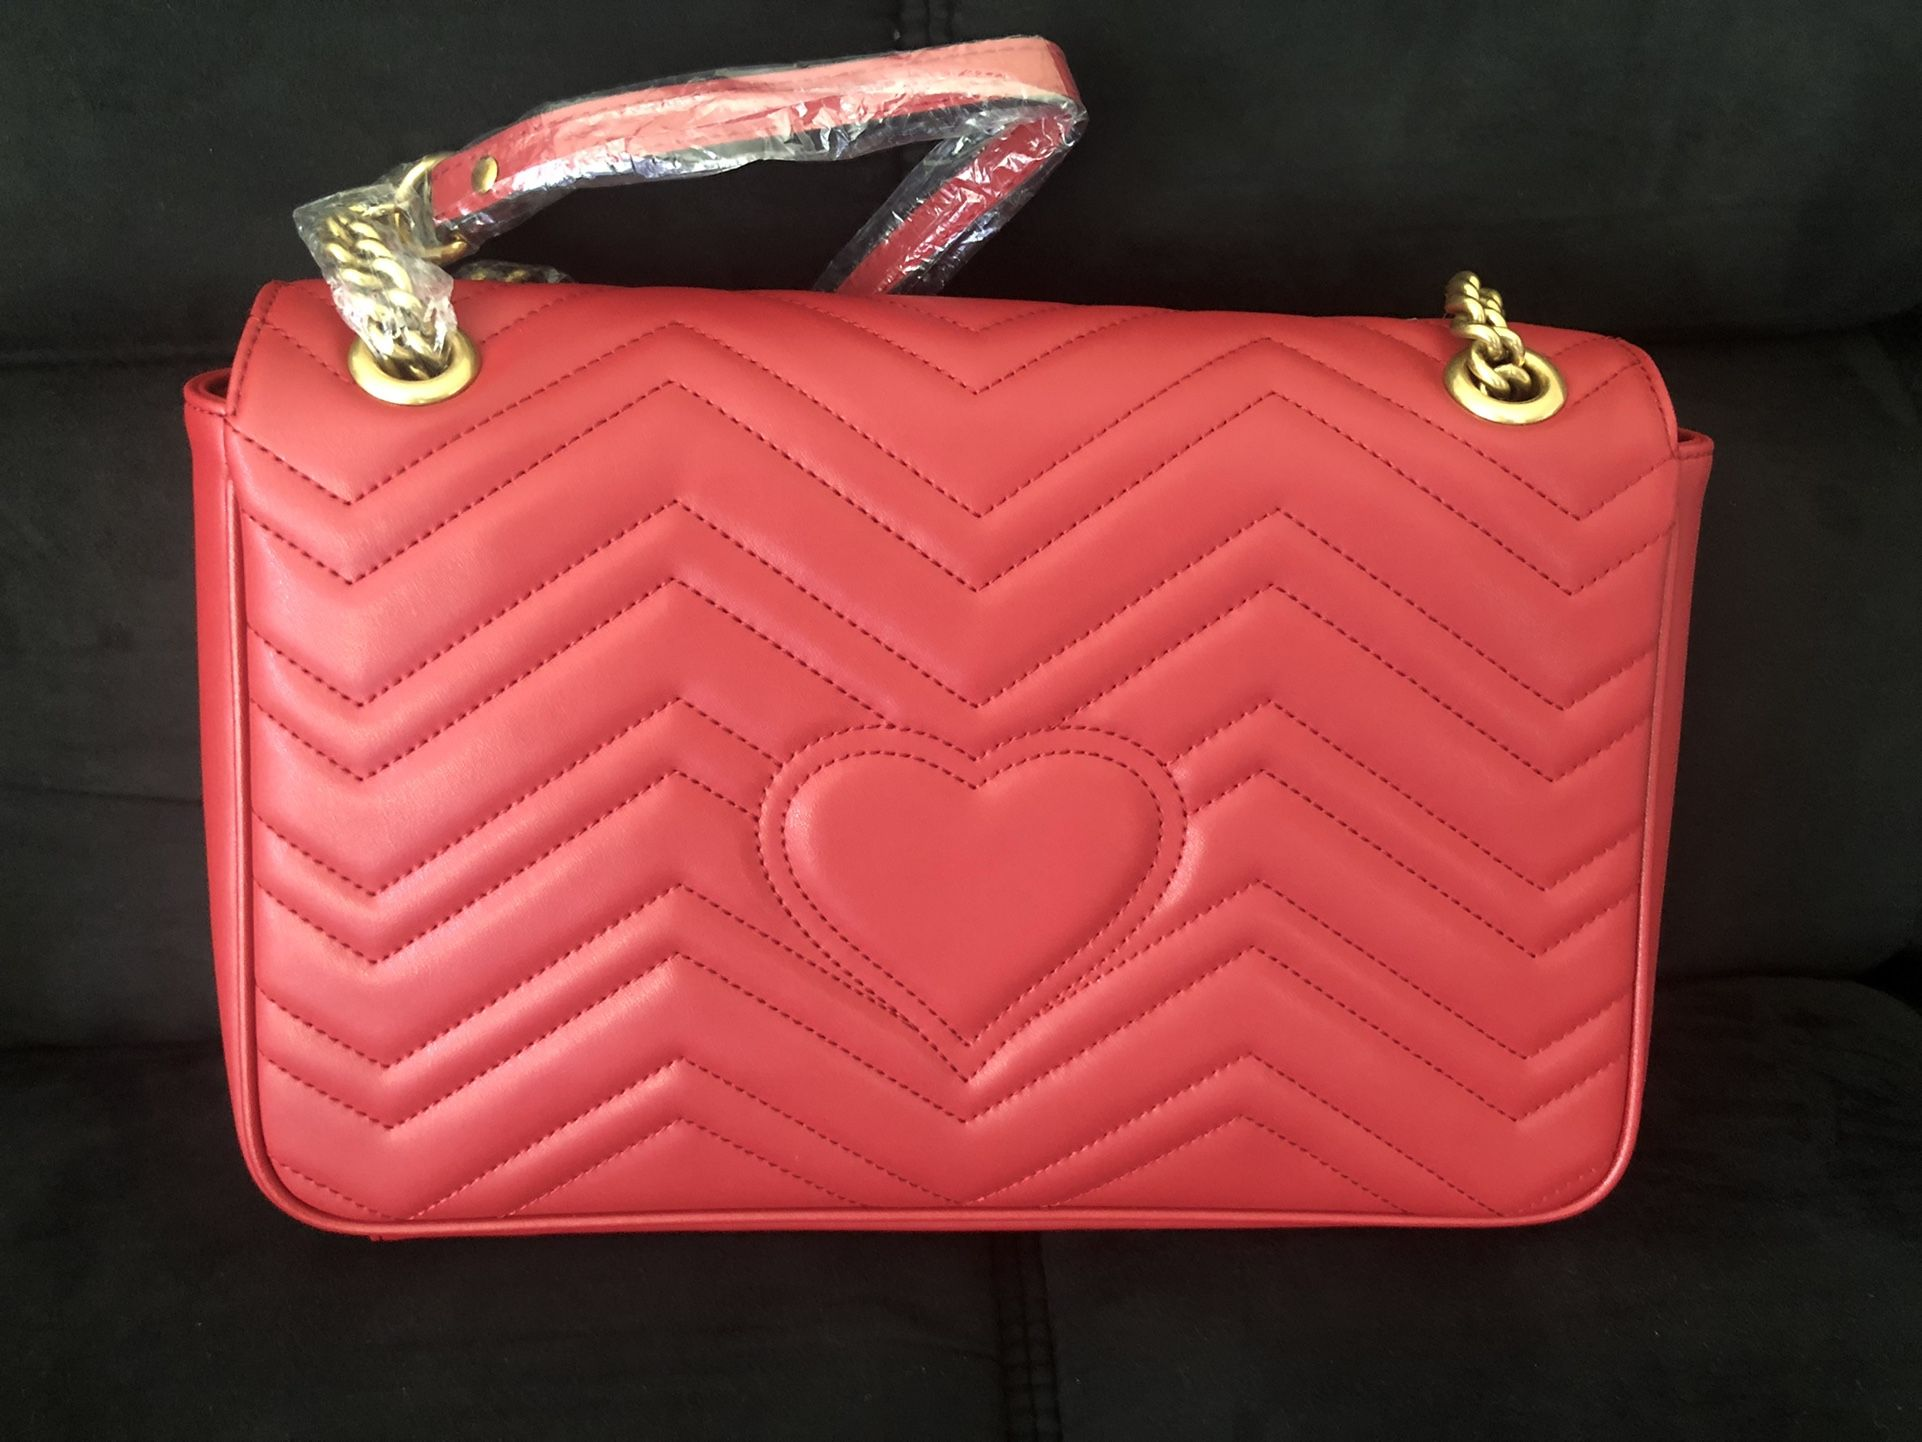 Gucci Mermont Medium Shoulder Bag